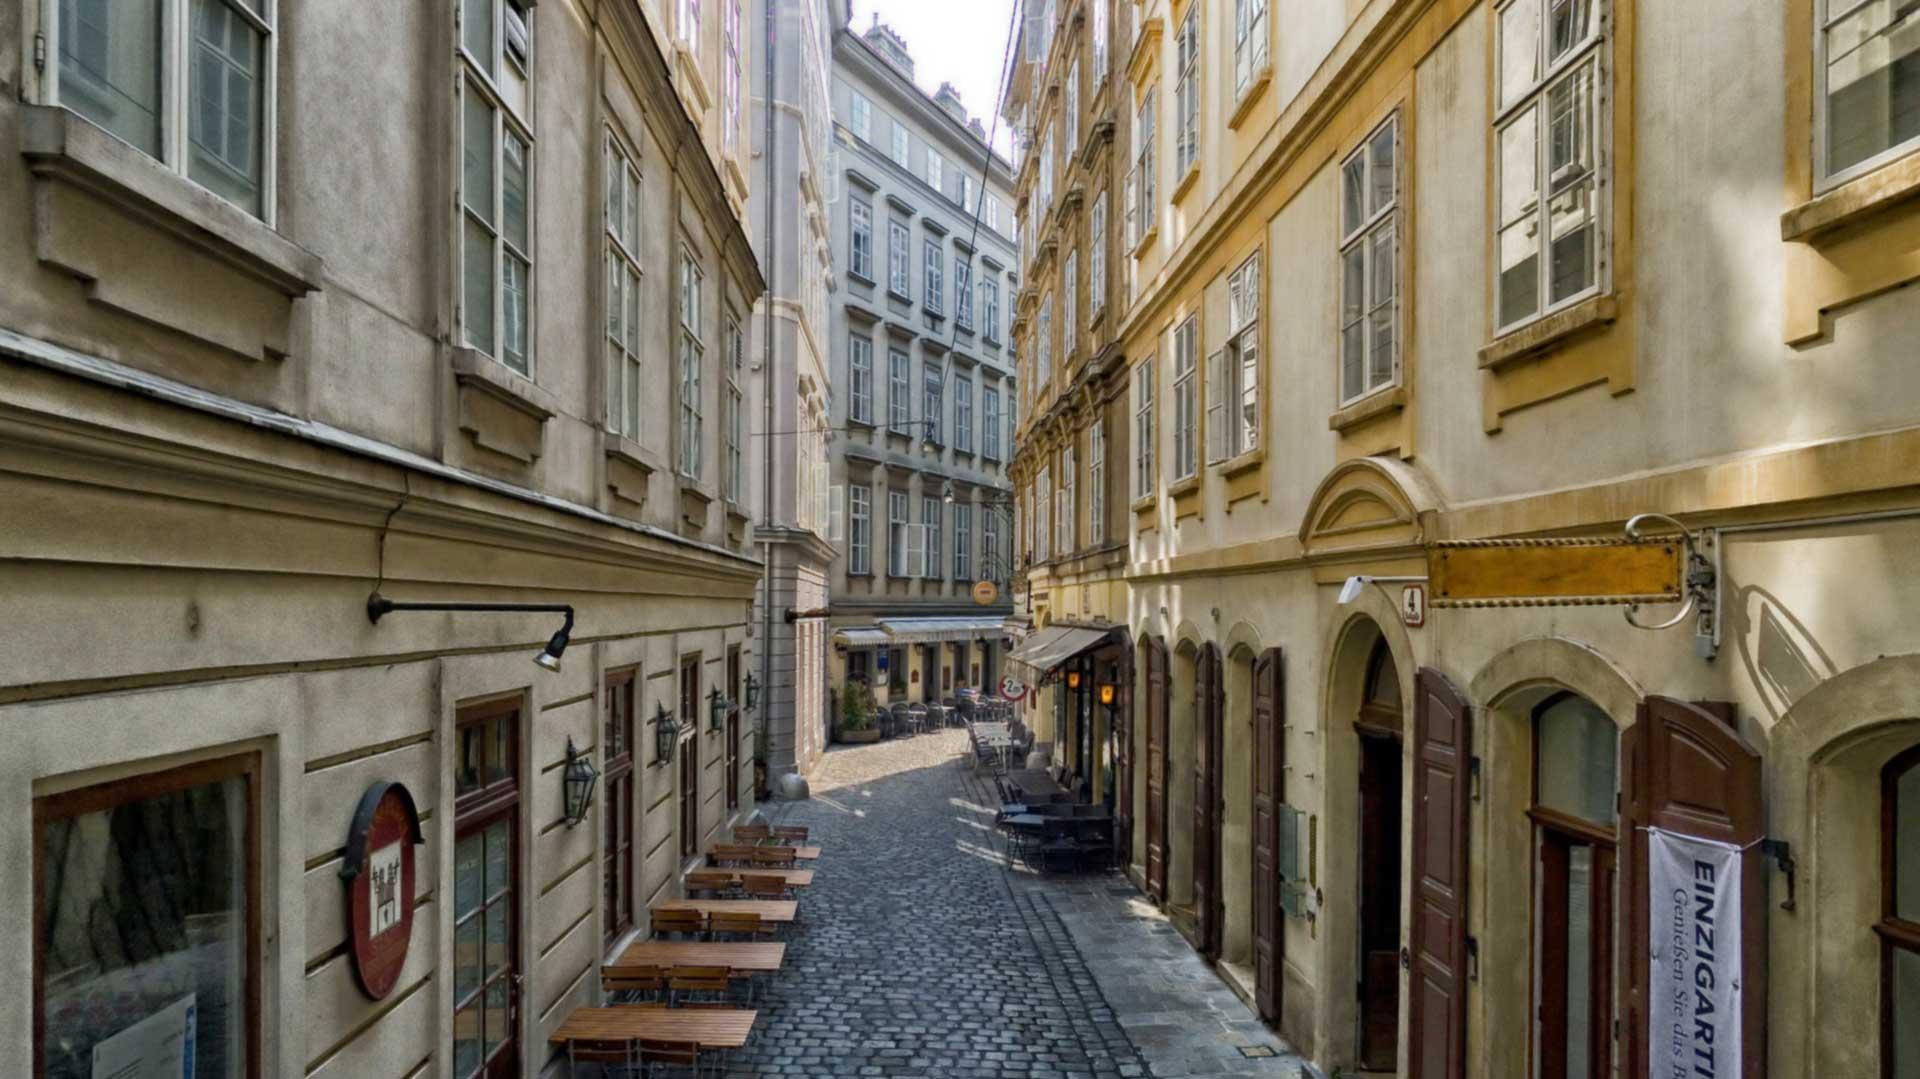 Hotel Wiener Altstadt